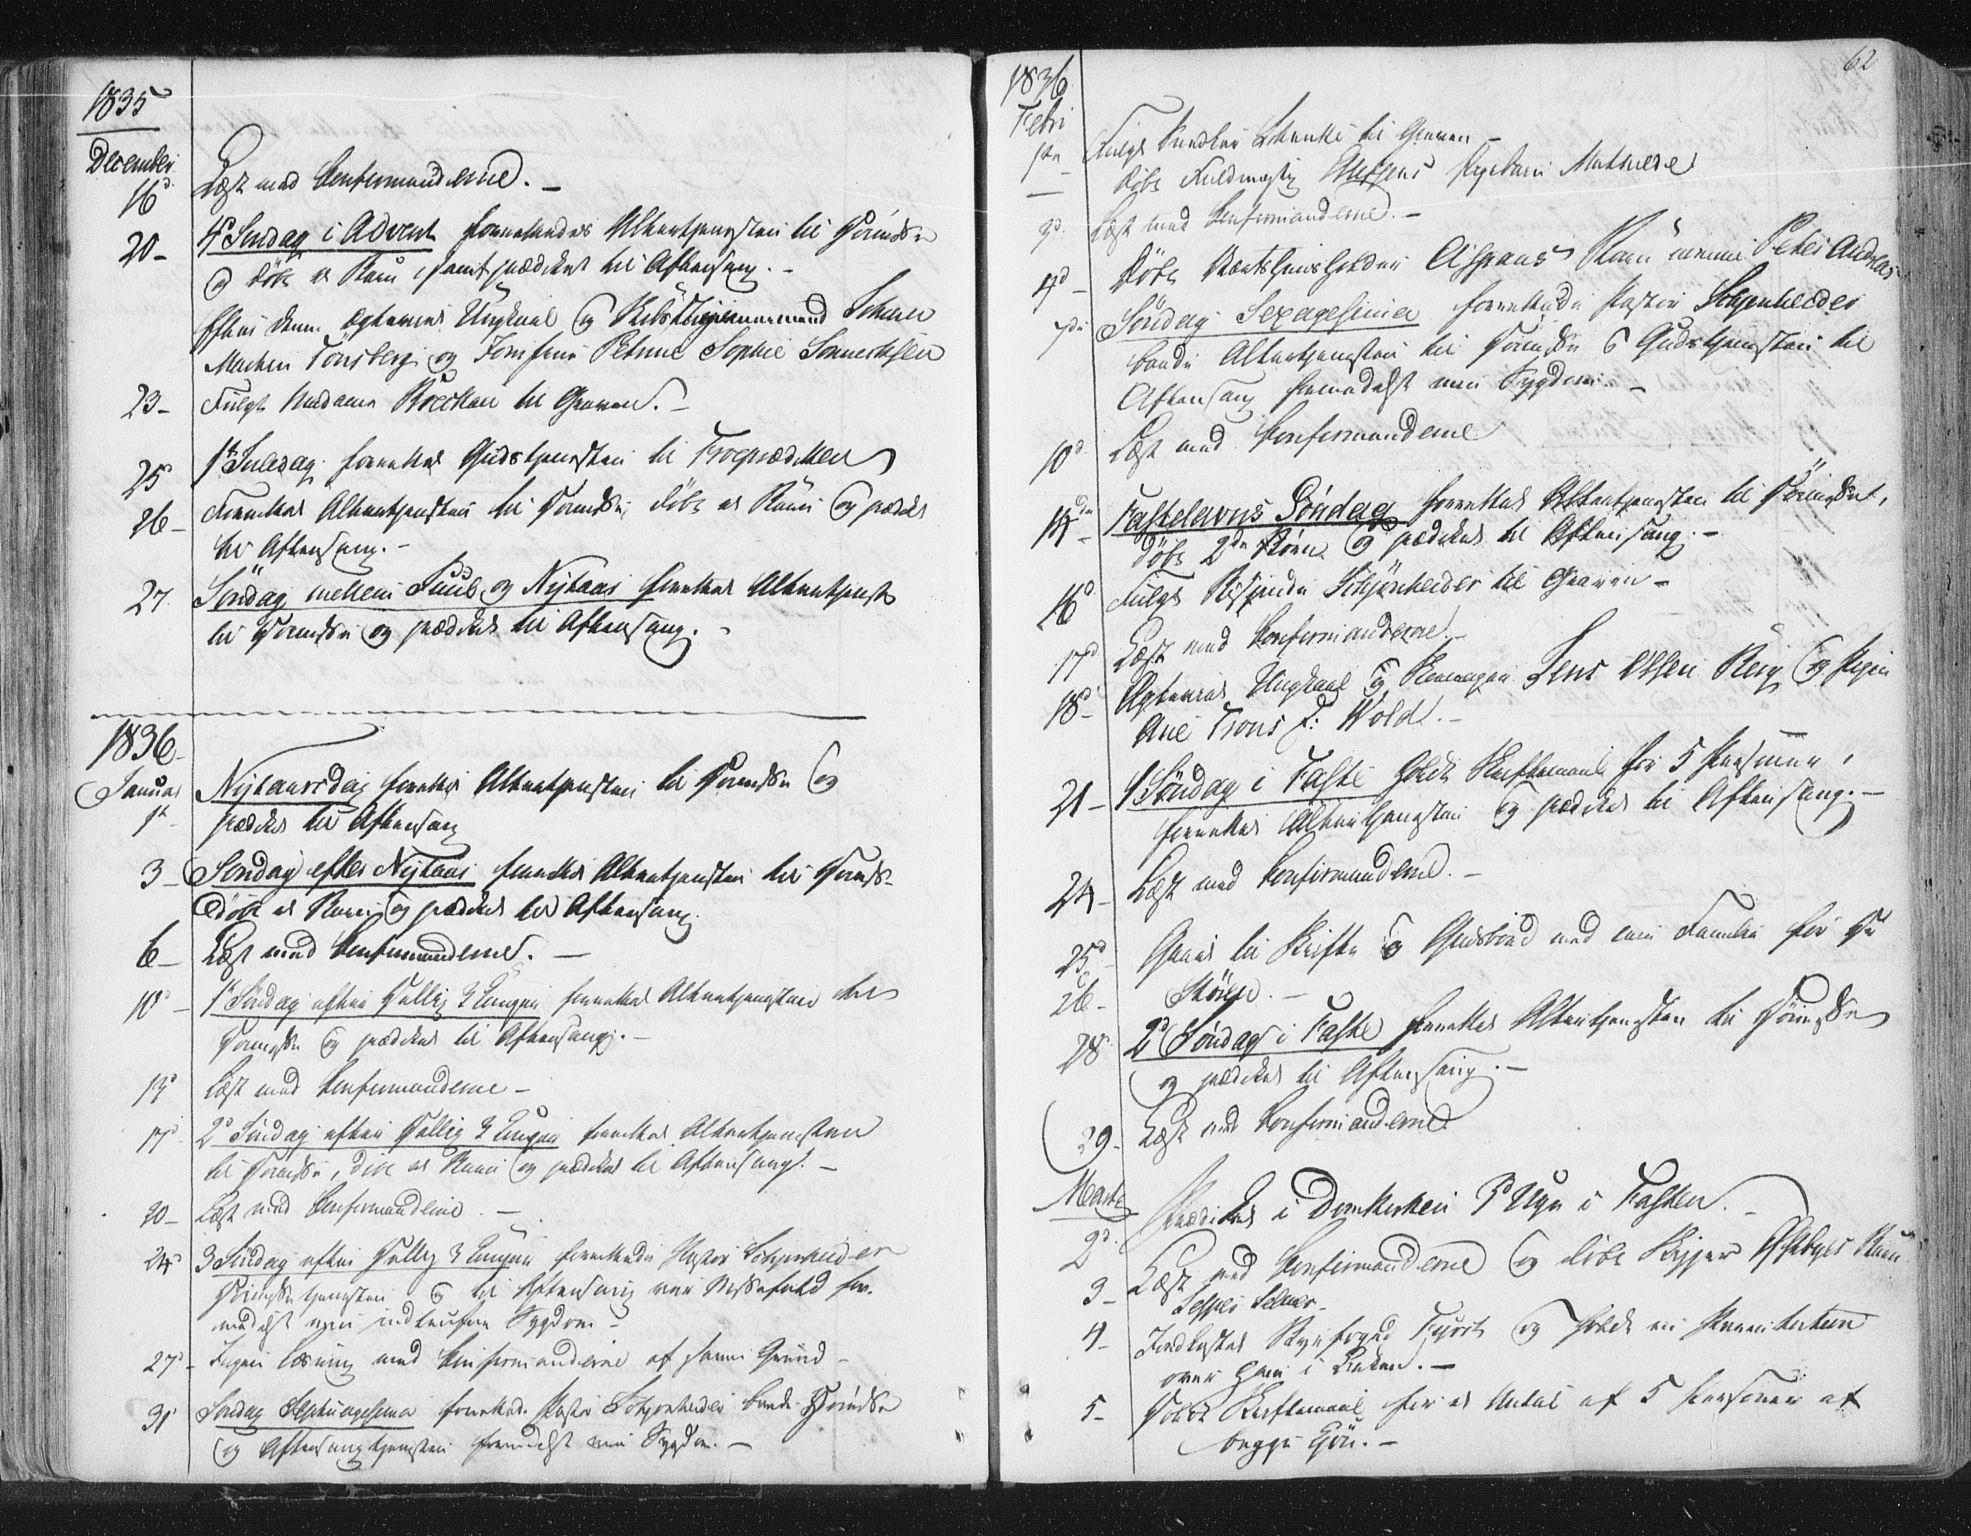 SAT, Ministerialprotokoller, klokkerbøker og fødselsregistre - Sør-Trøndelag, 602/L0127: Residerende kapellans bok nr. 602B01, 1821-1875, s. 62